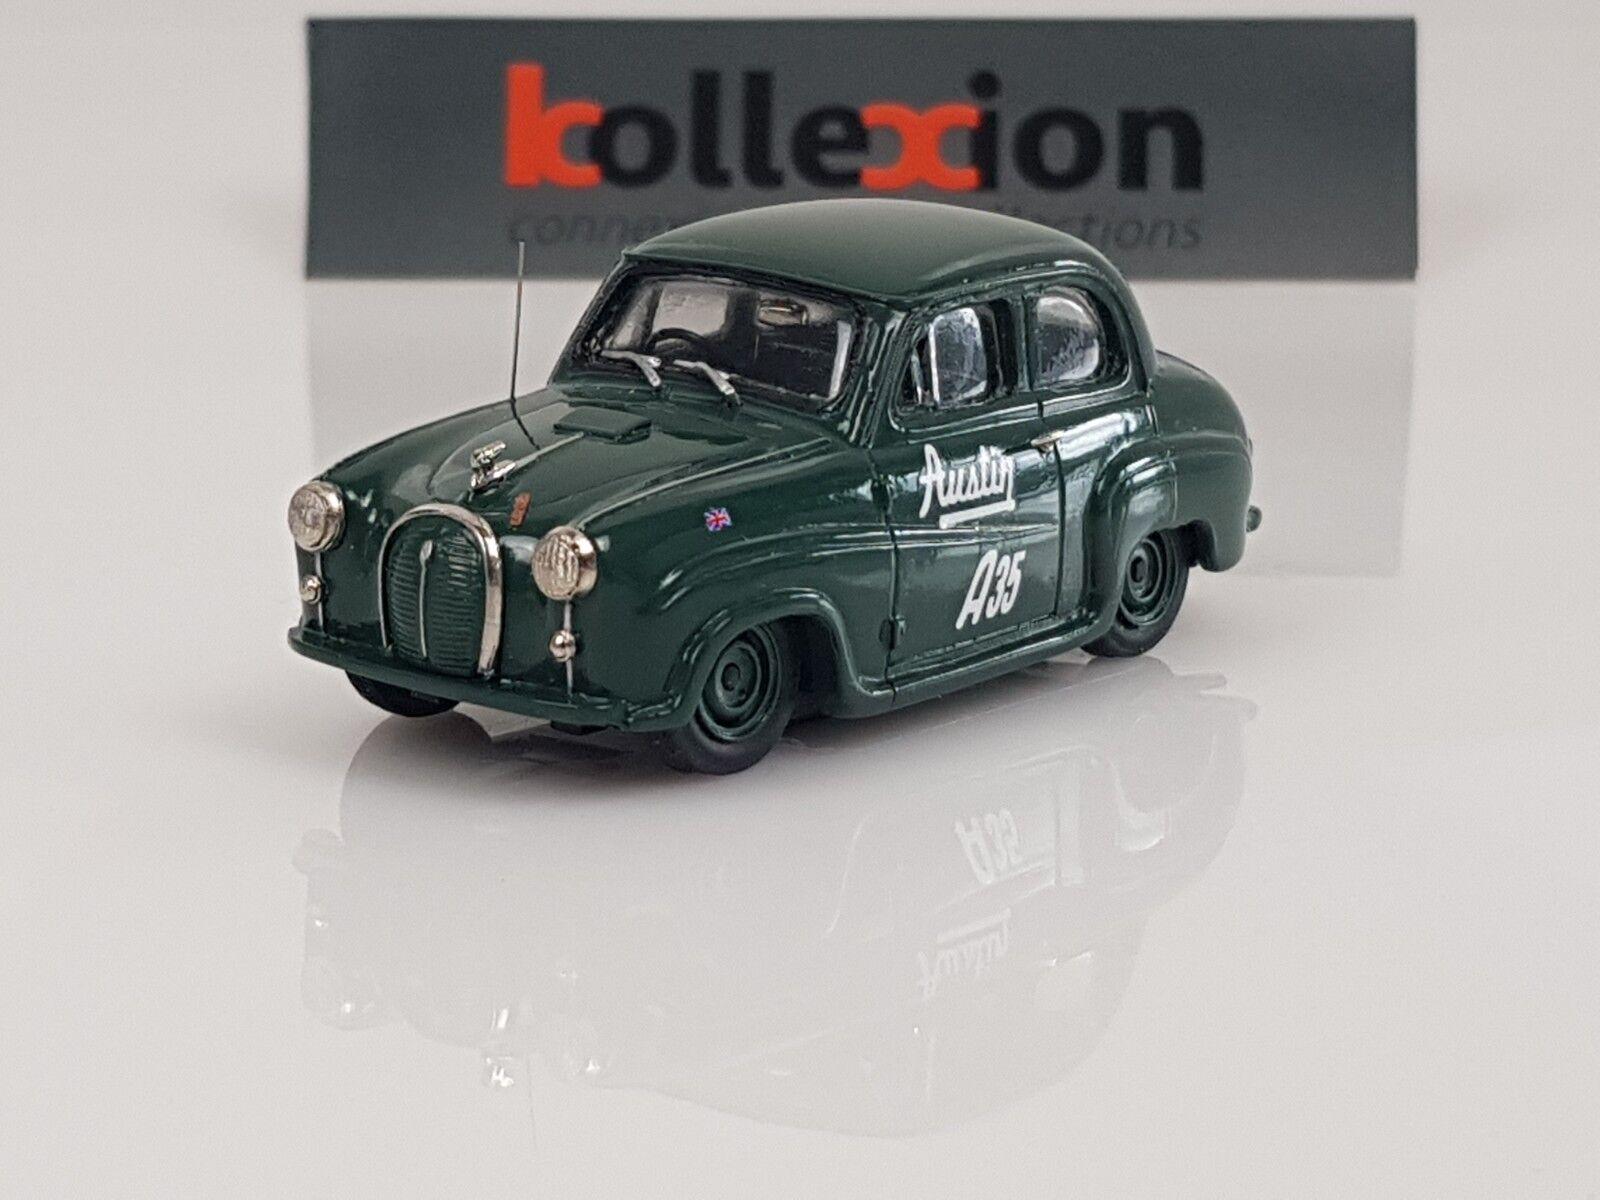 edición limitada en caliente Modelos Touchwood twc43001 twc43001 twc43001 Austin a 35 record Montlhéry 1957 1.43  alta calidad general